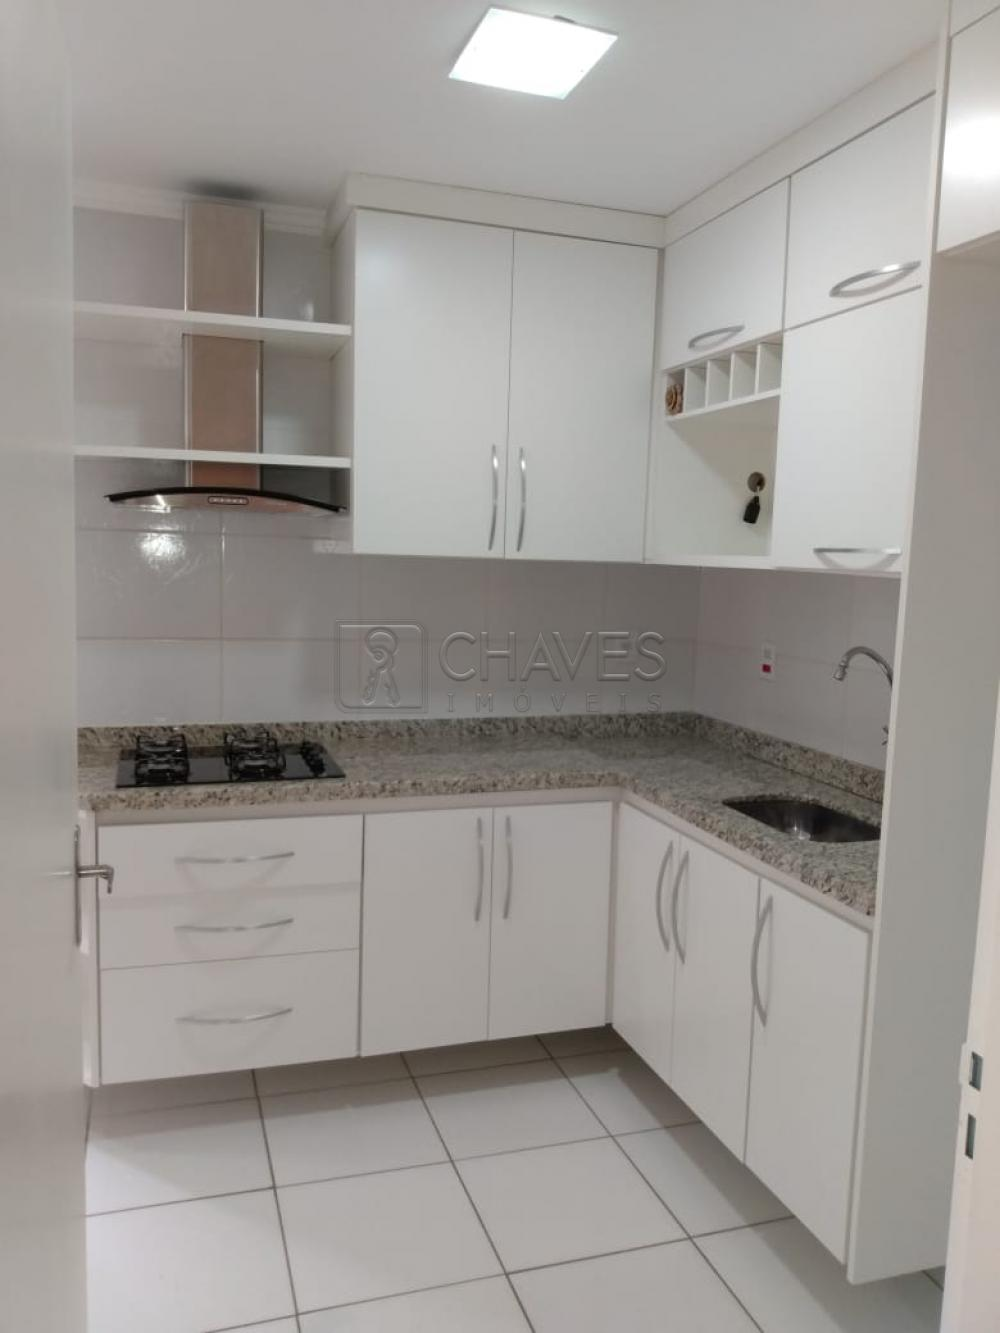 Comprar Apartamento / Padrão em Brodowski R$ 150.000,00 - Foto 6